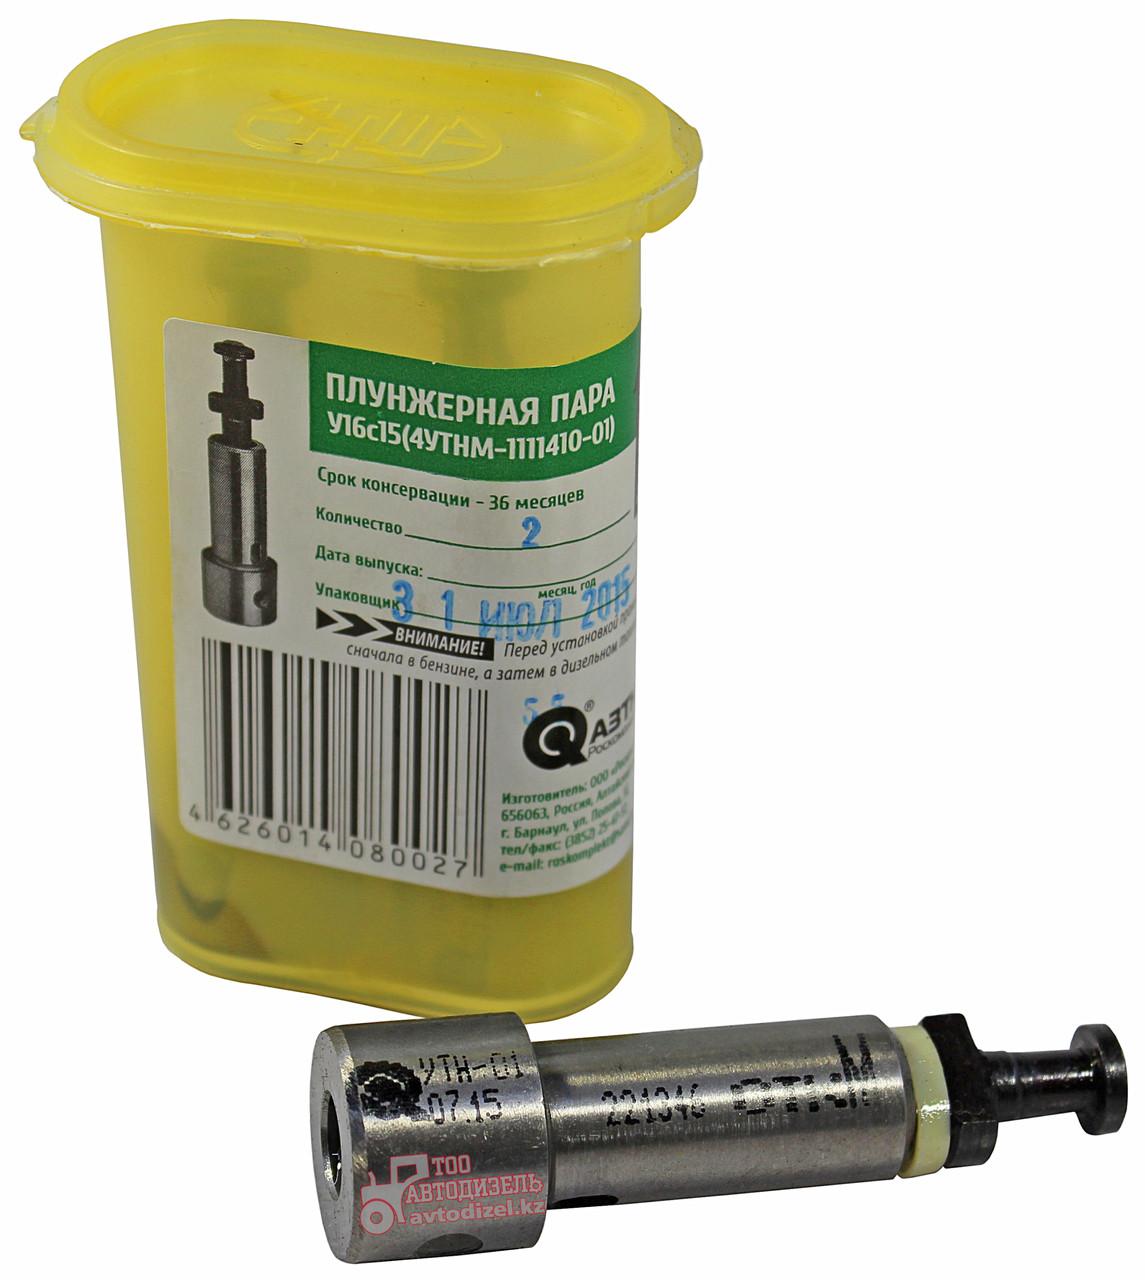 Плунжерная пара 4УТНМ-1111410-01 МТЗ (АЗТН)